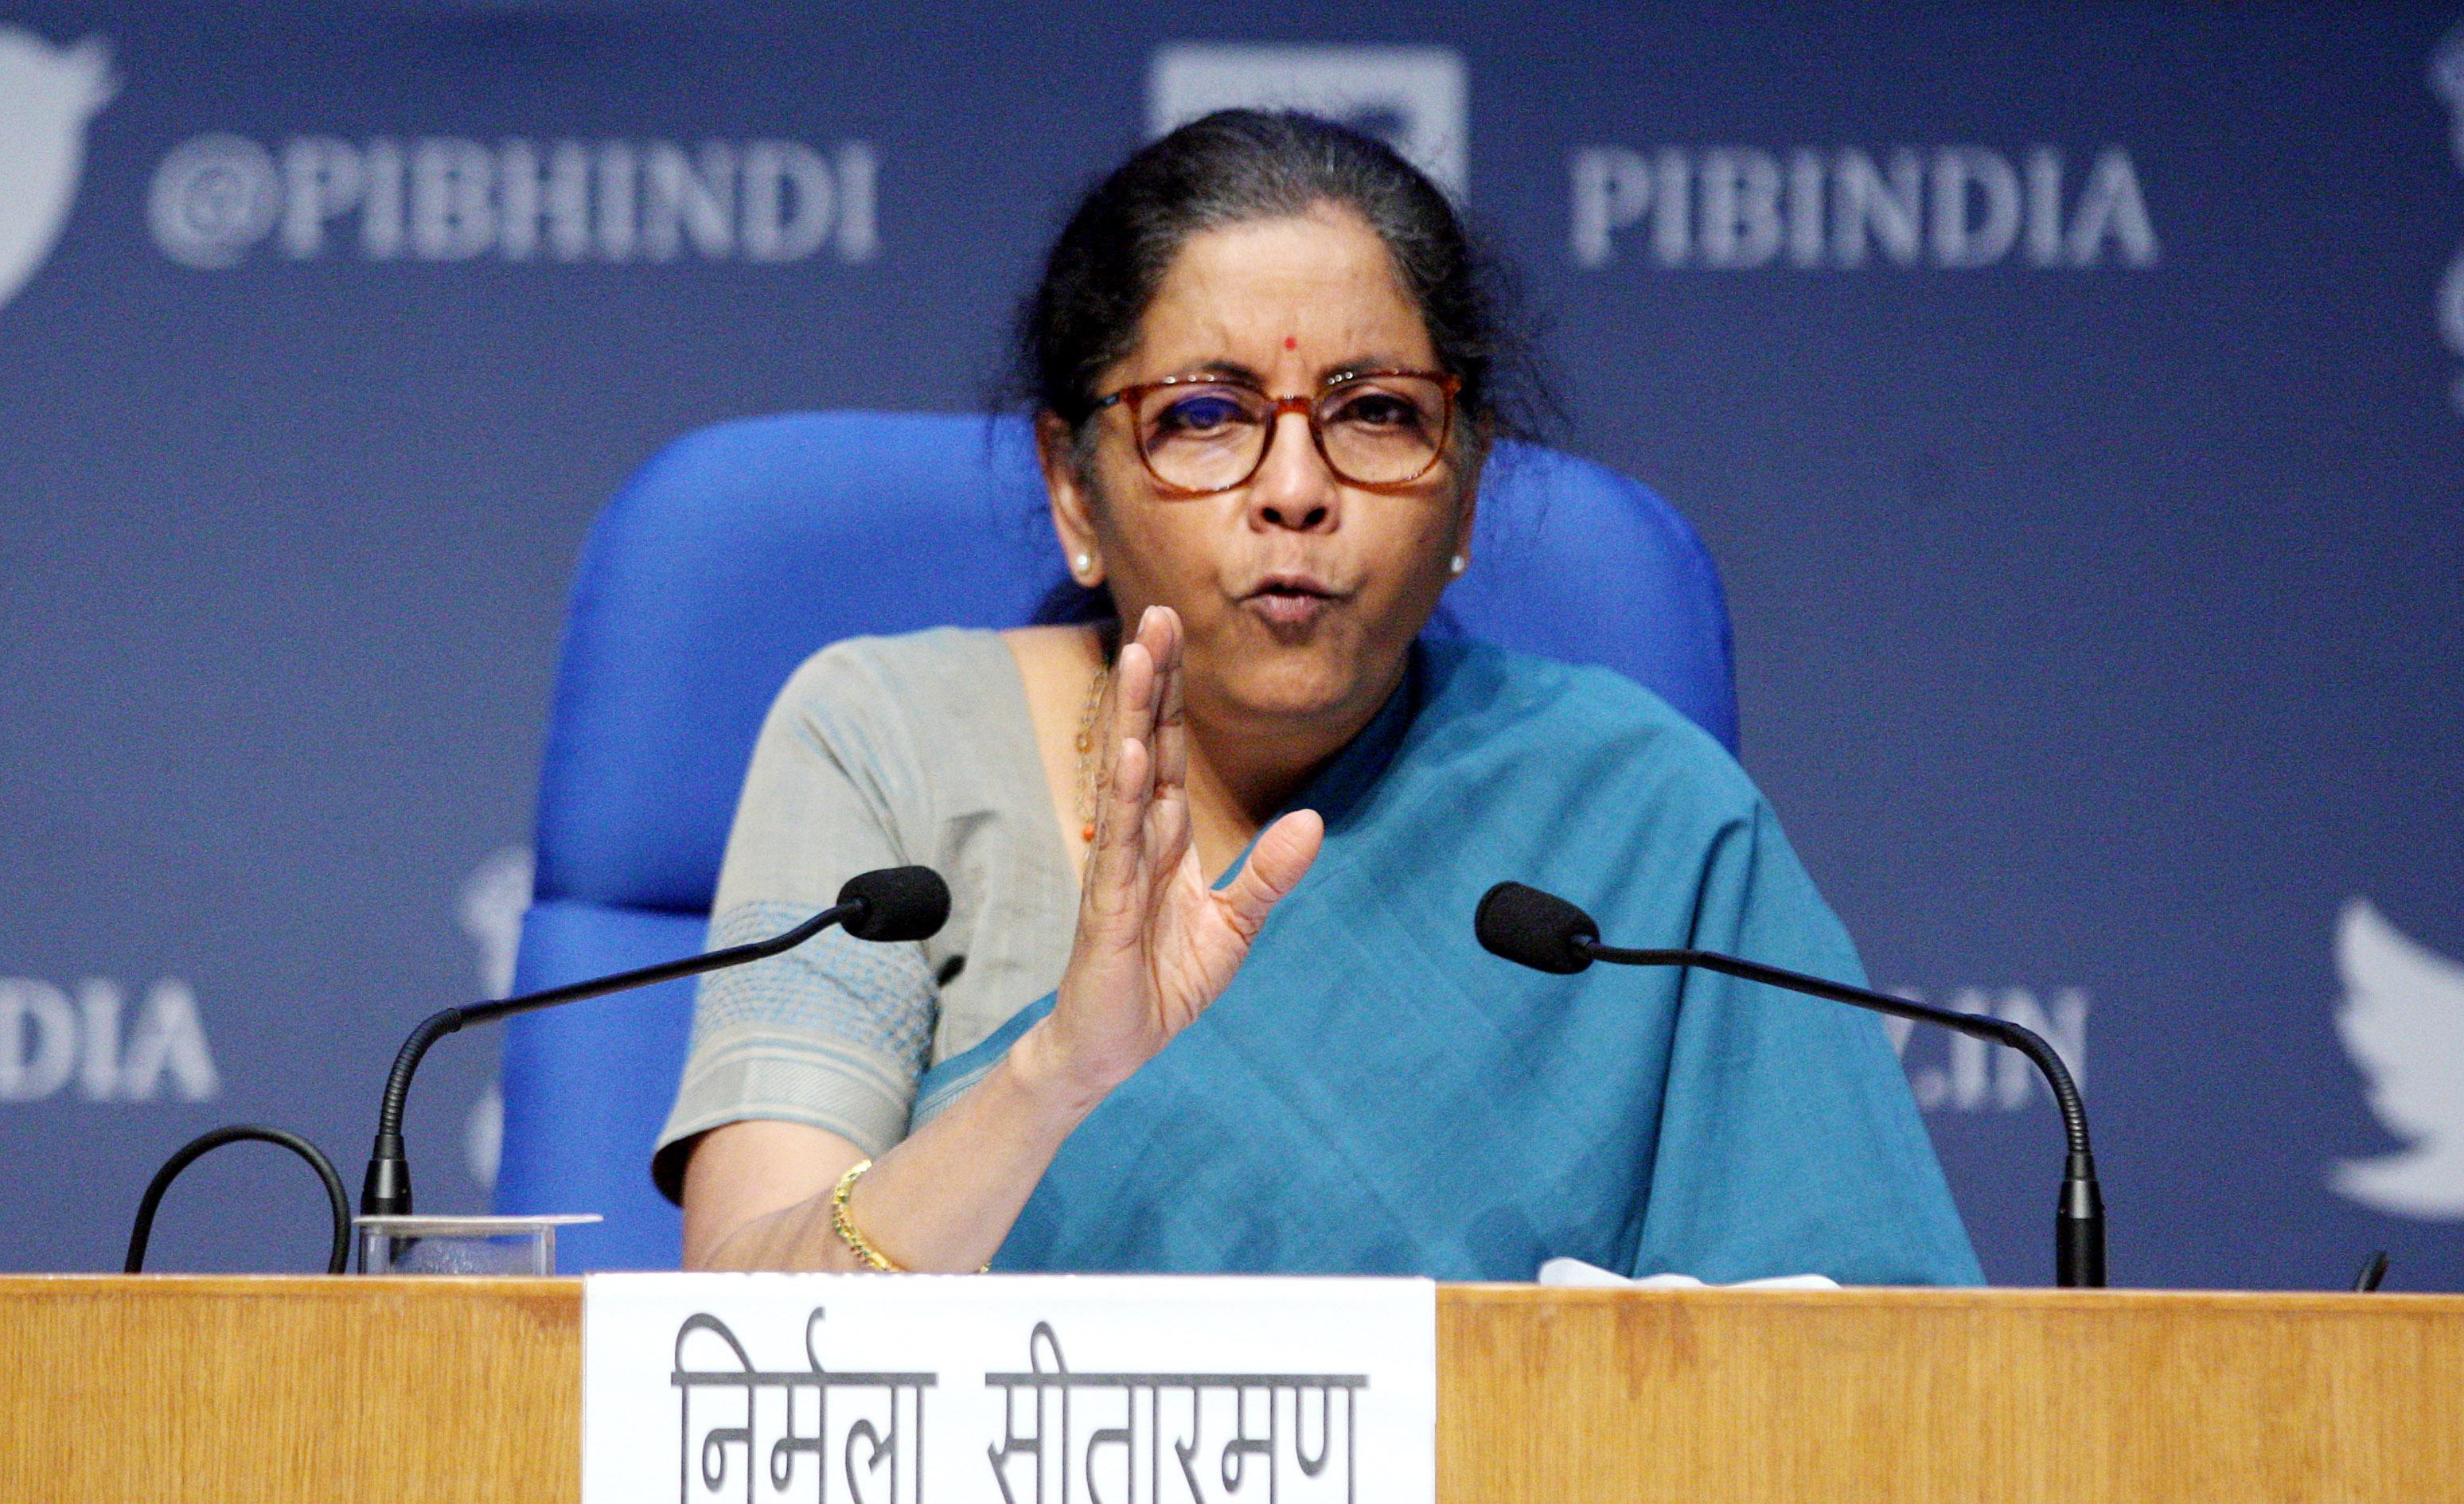 राज्यों की आमदनी में कमी की भरपाई करेगी सरकार, 17 राज्यों को मिलेंगे 9871 करोड़ रुपए